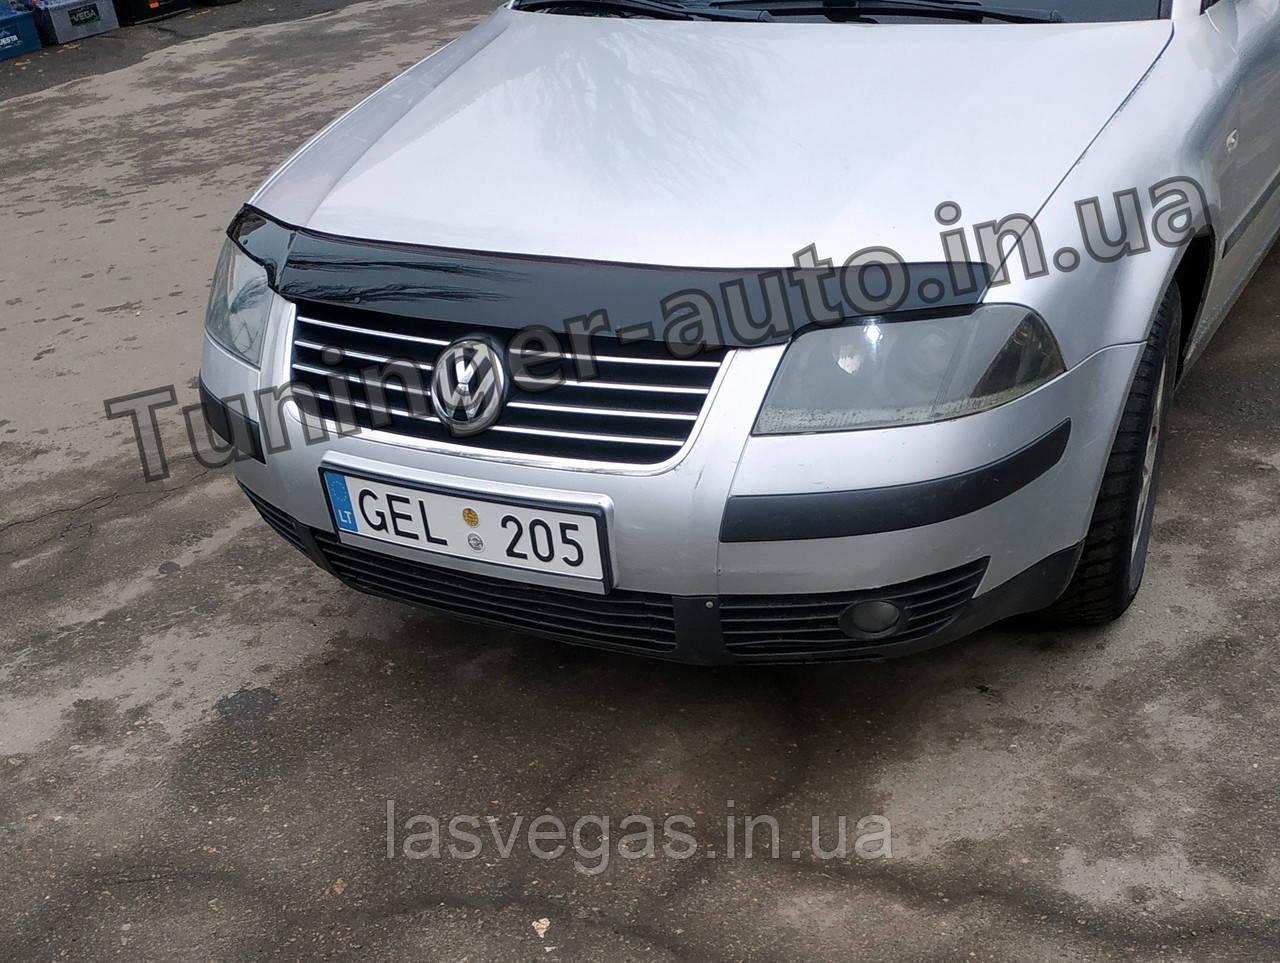 Дефлектор капоту, мухобойка Volkswagen Passat B5 рестайлінг 2002-2005 (ANV)